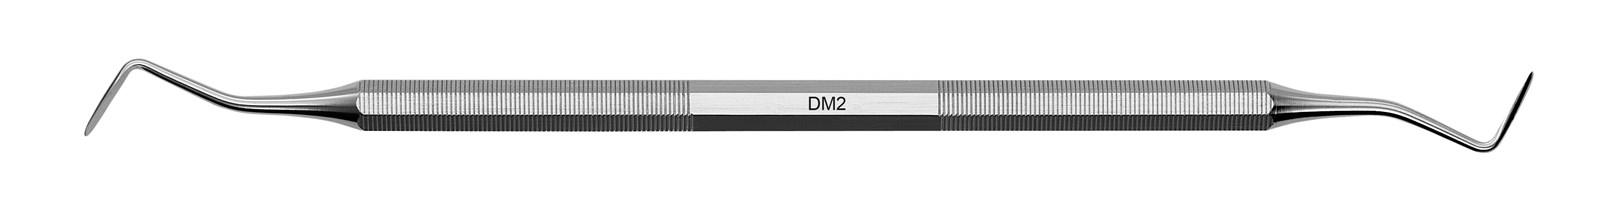 Lžičkové dlátko - DM2, ADEP šedý